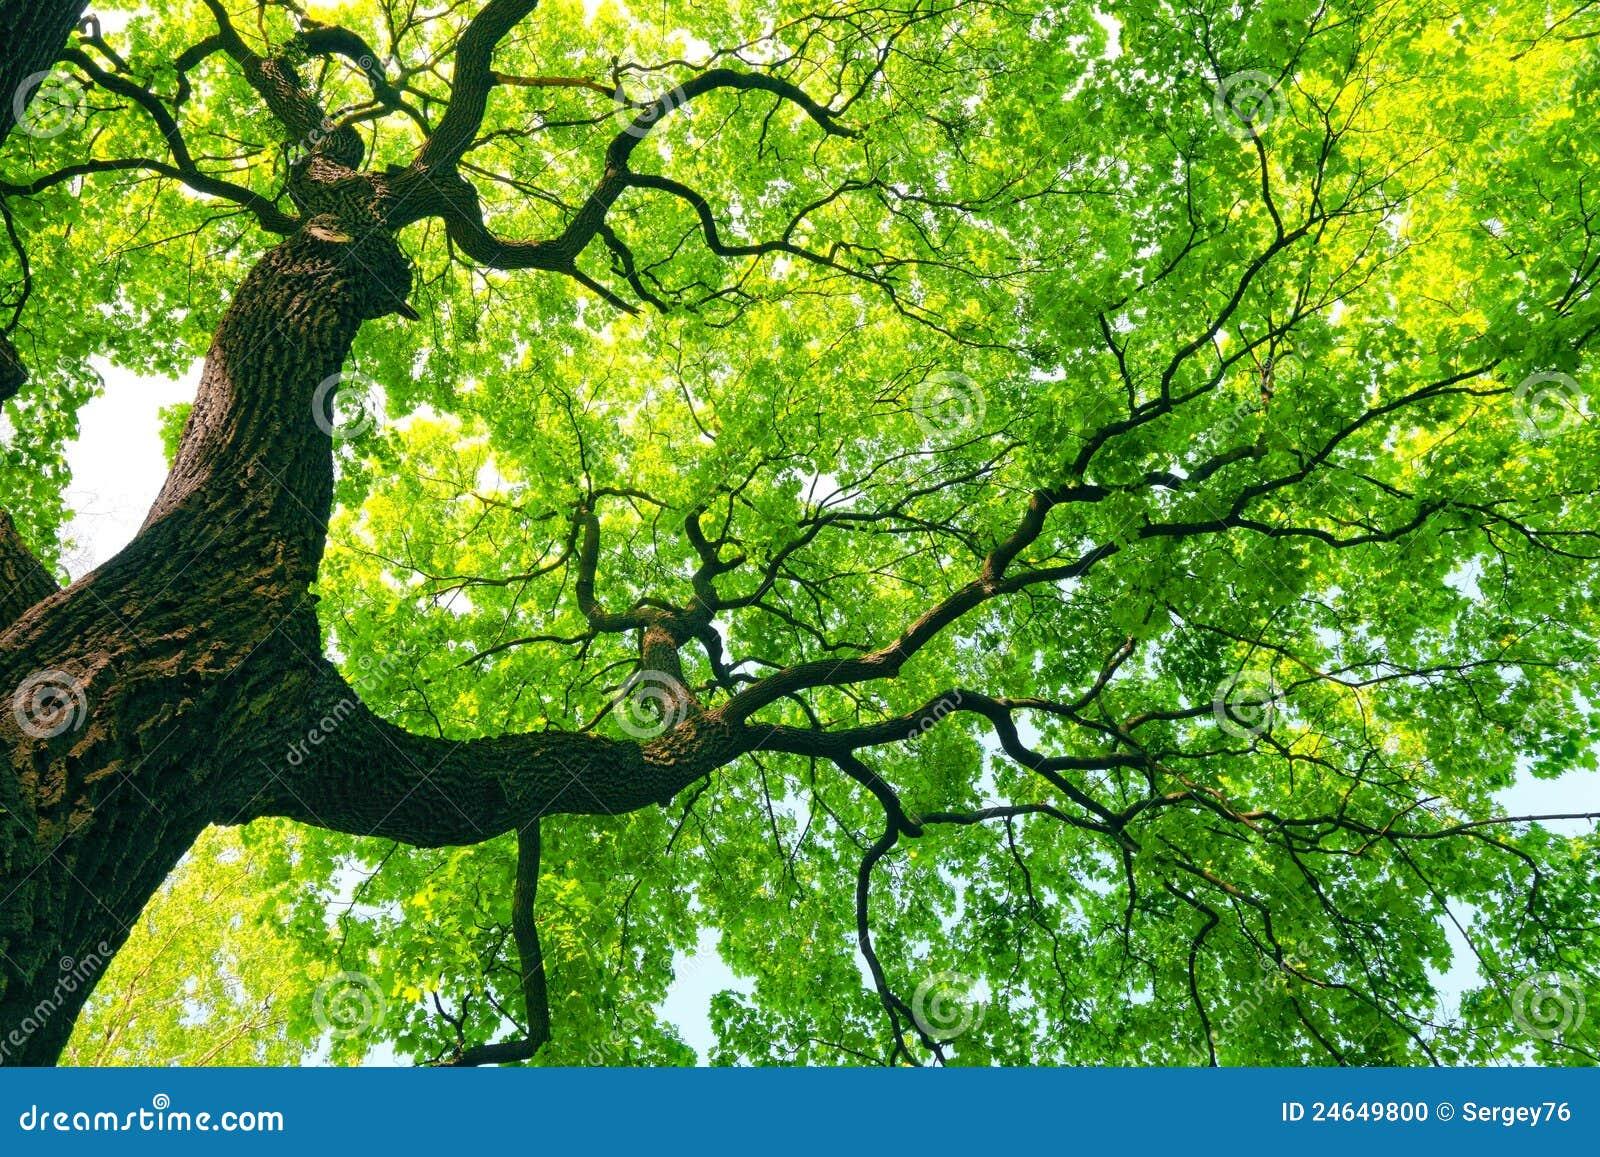 Mächtiger Baum mit grünen Blättern